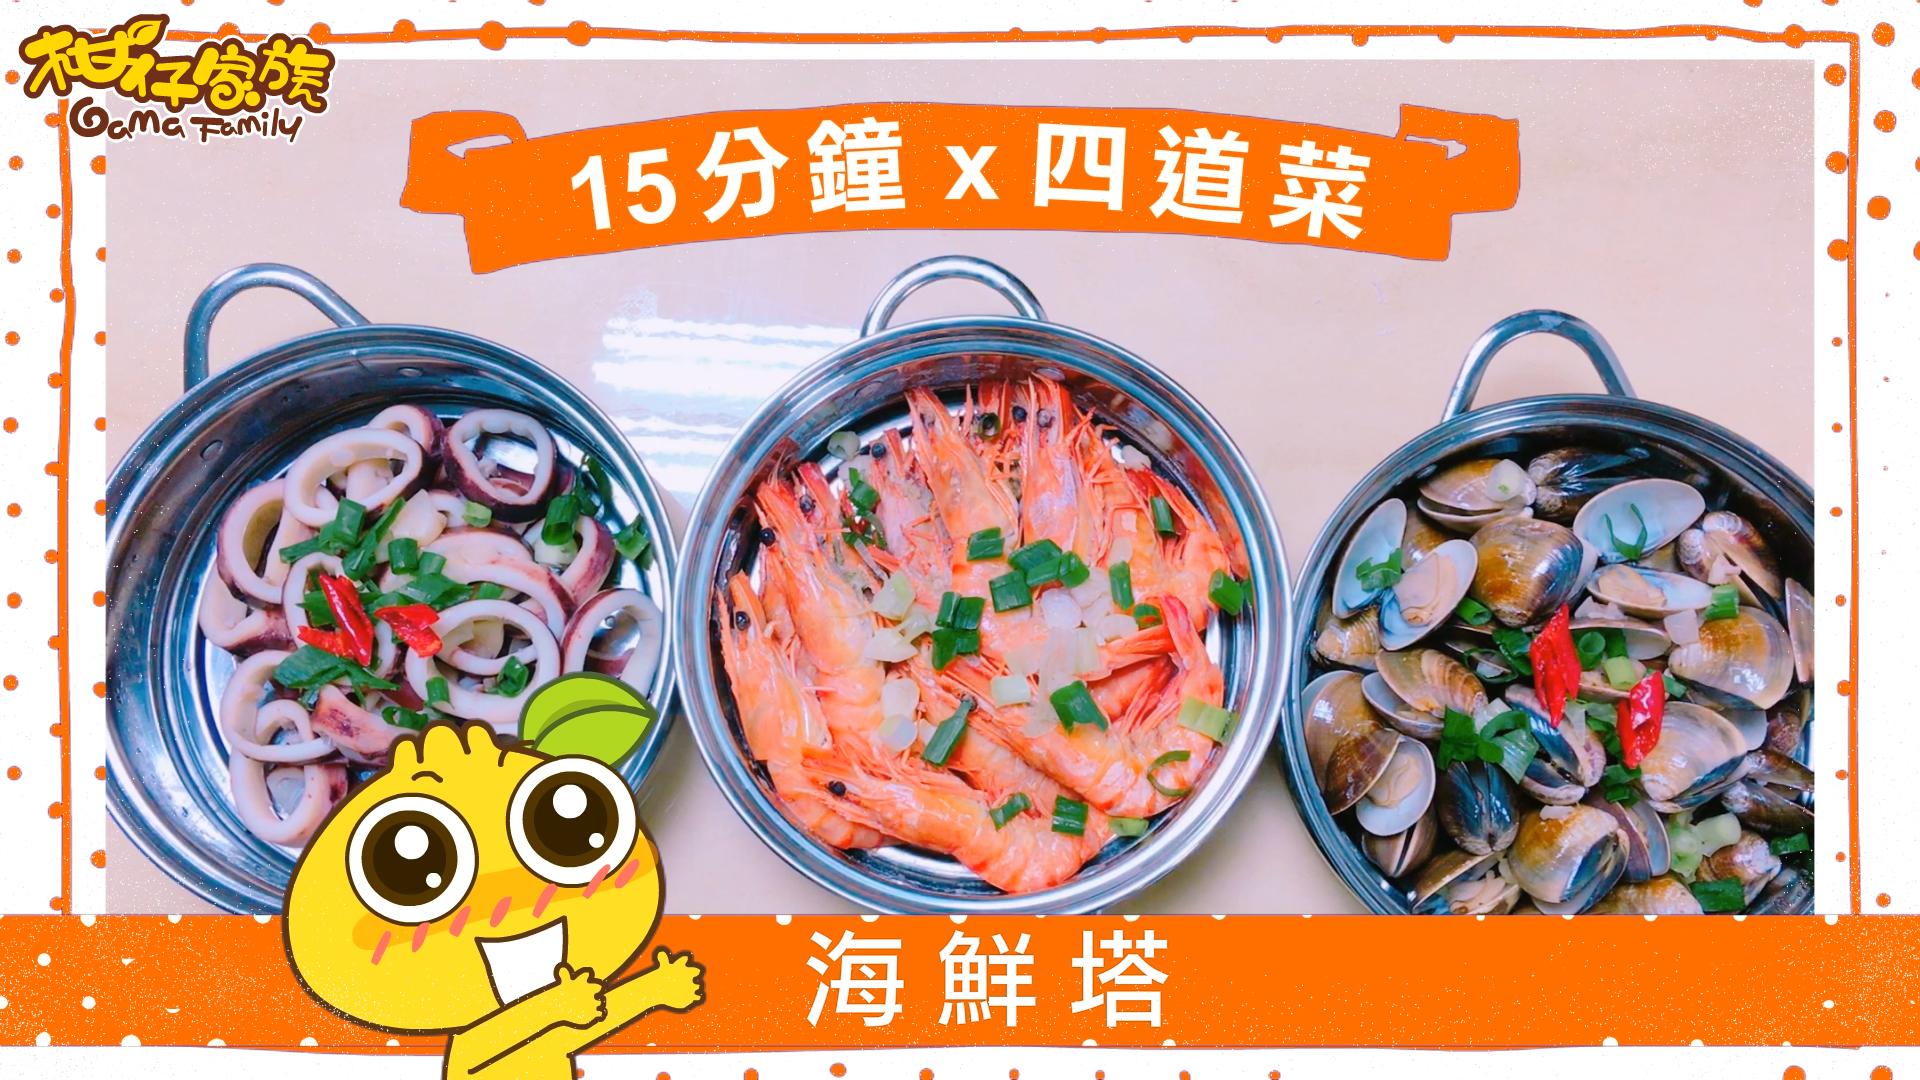 美食鍋_海鮮塔封面